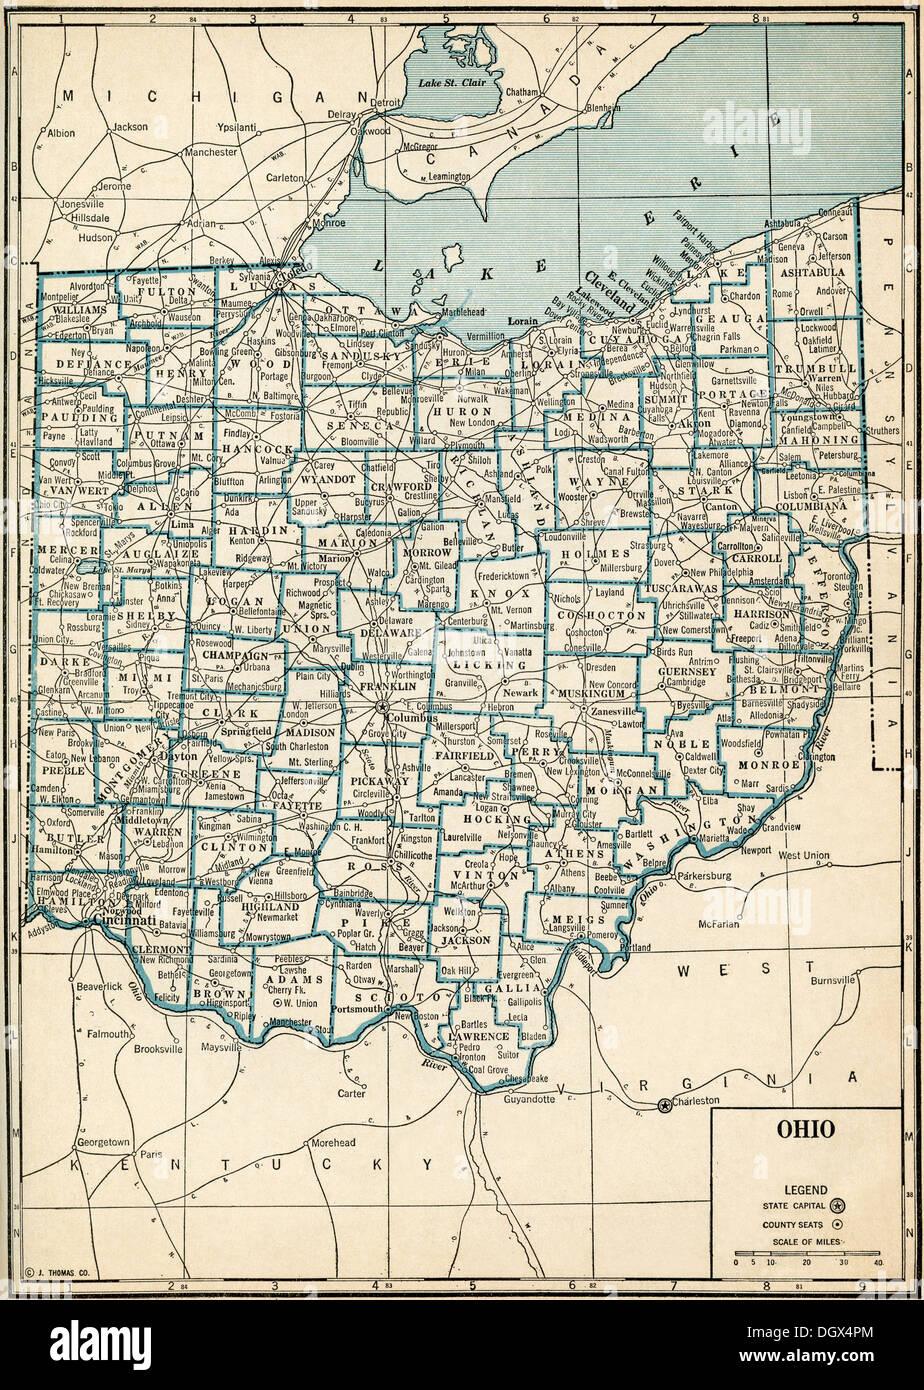 Ashley Ohio Map.Old Map Of Ohio 1930 S Stock Photo 62040124 Alamy